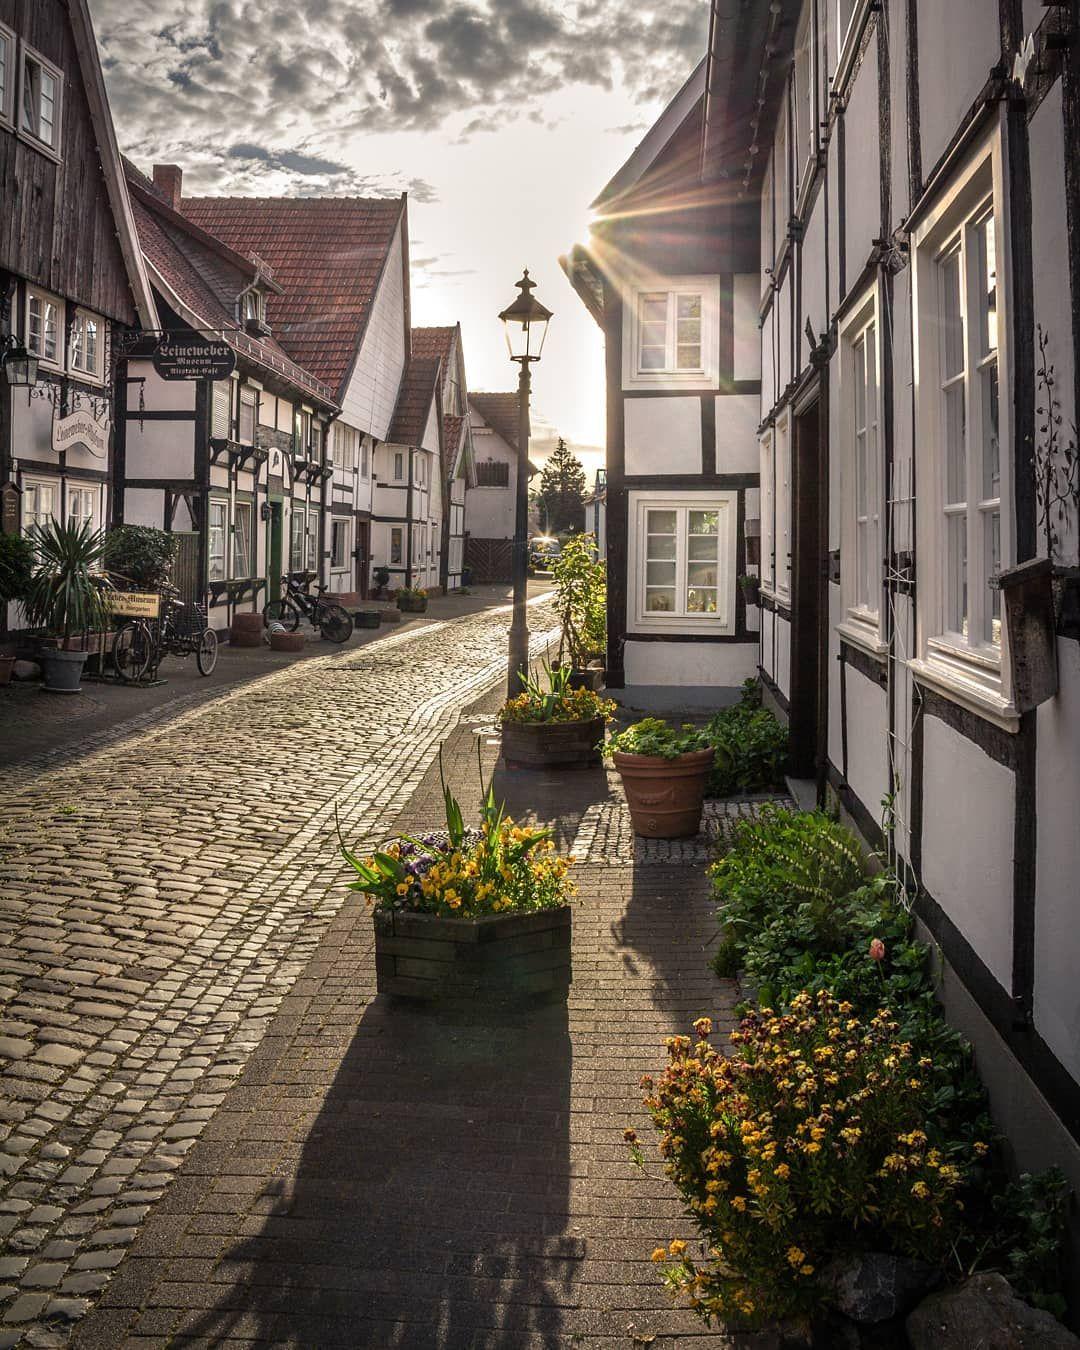 Das Ist Die Schonste Altstadt Deutschlands Historische Altstadt Altstadt Urlaub In Deutschland